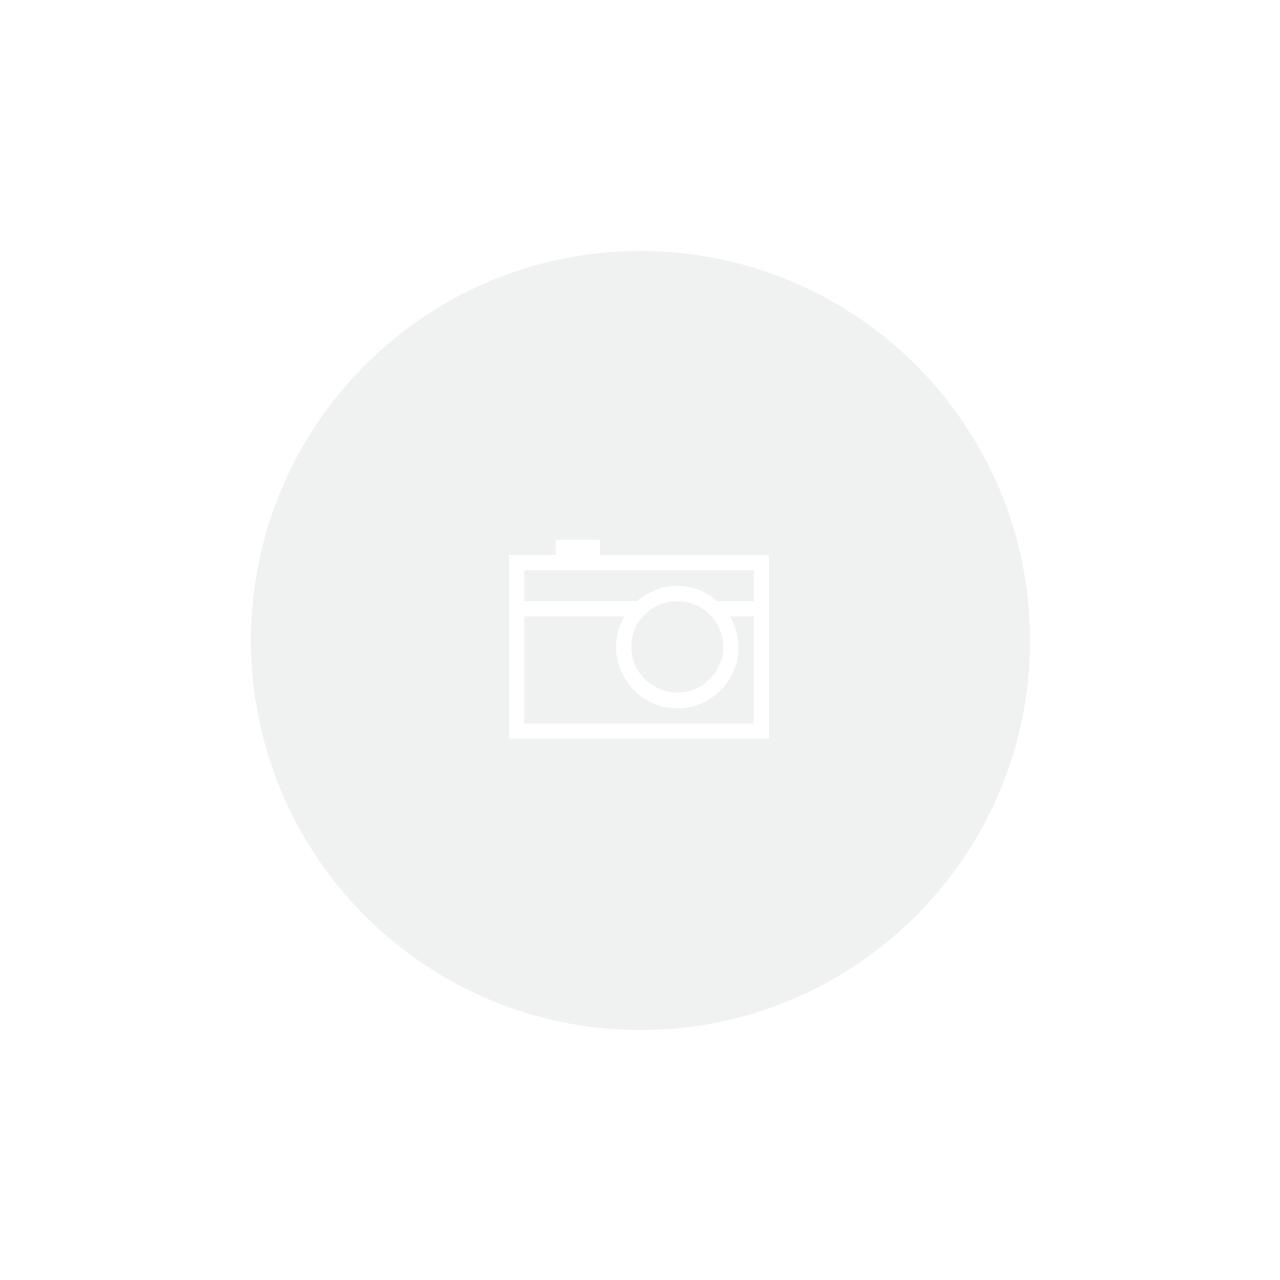 Banheira Transparente 10x20x11cm